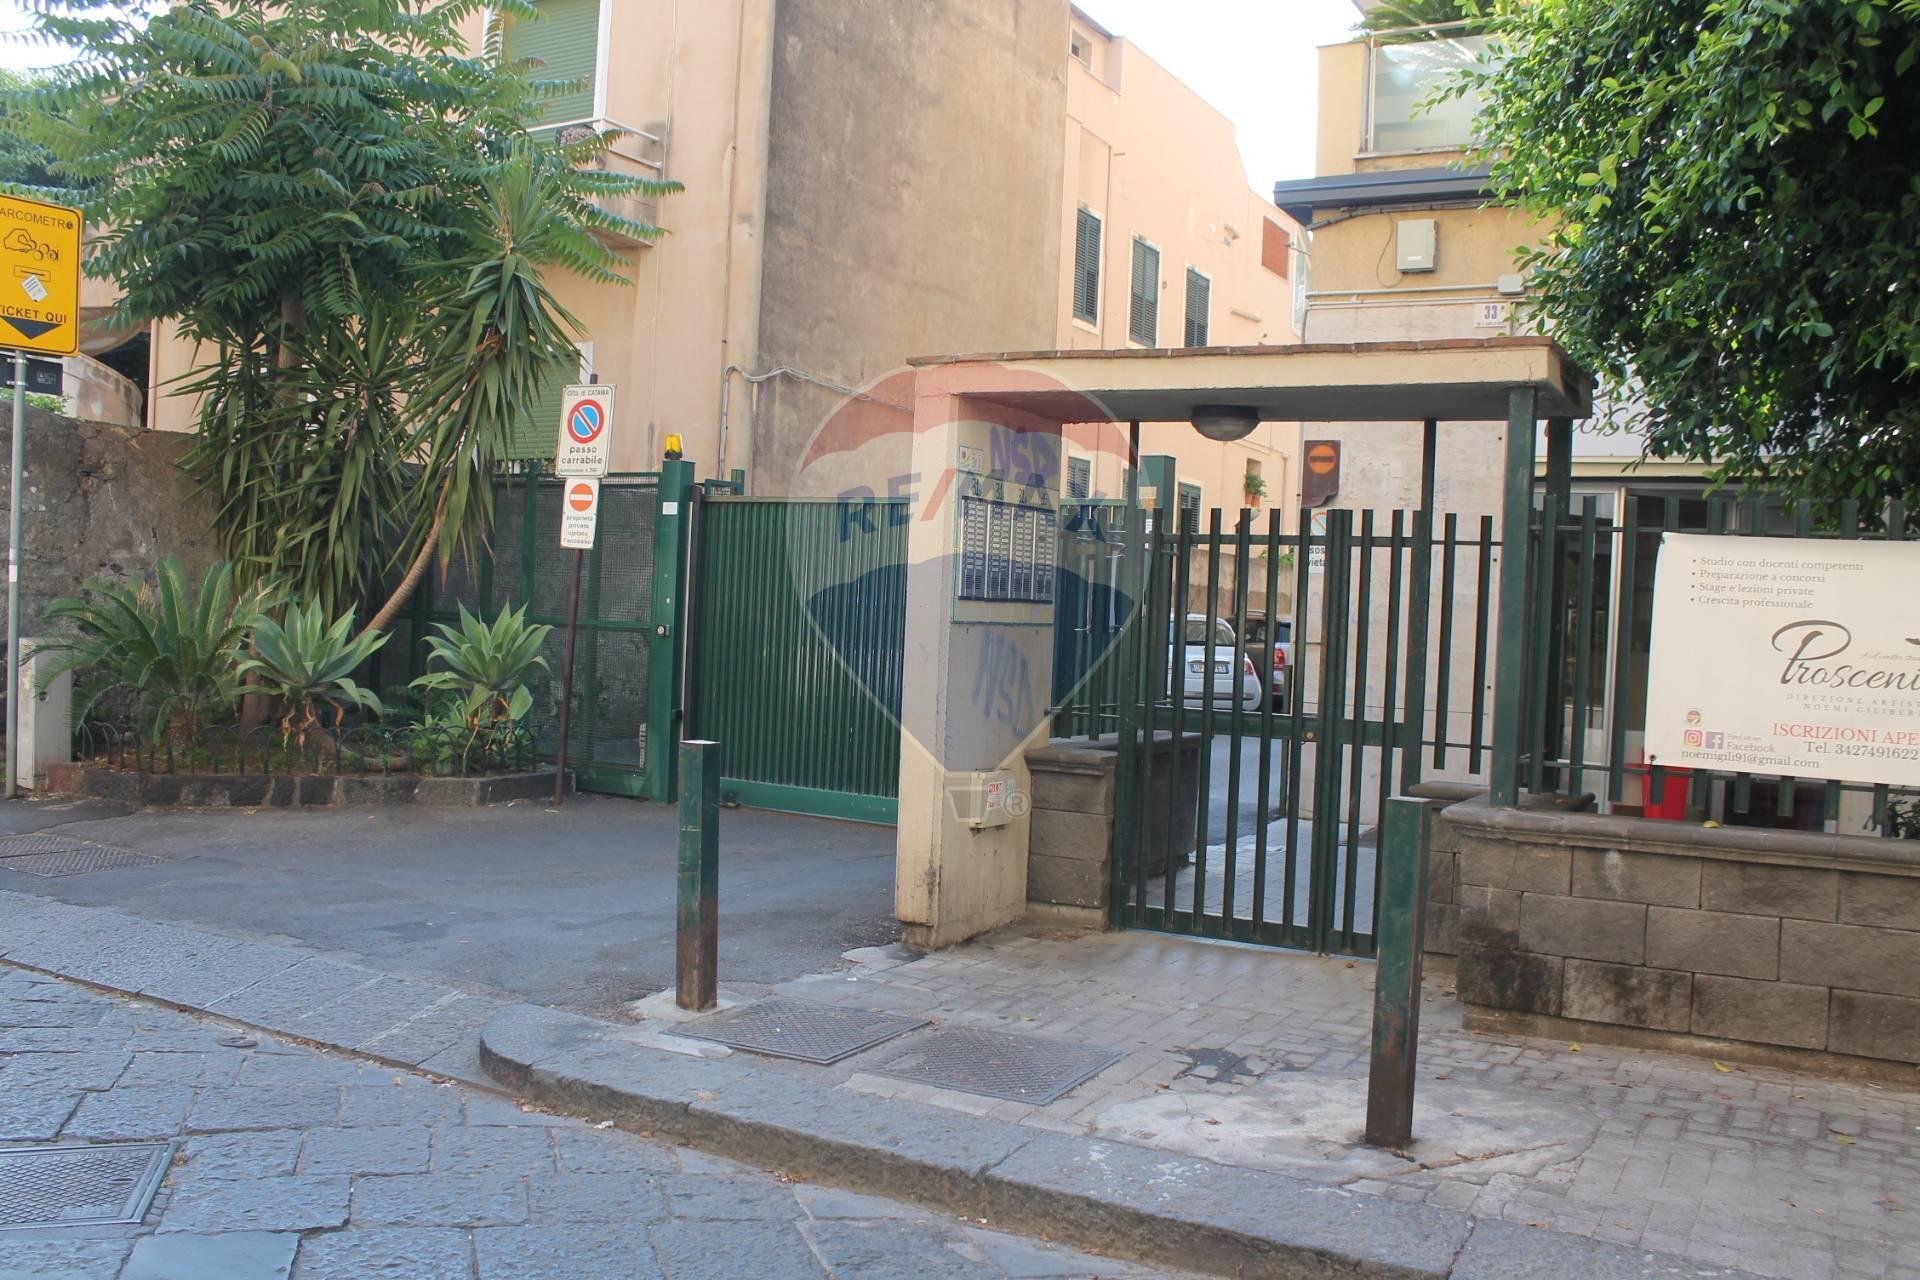 catania affitto quart: c.so italia - via leopardi re-max-realizza